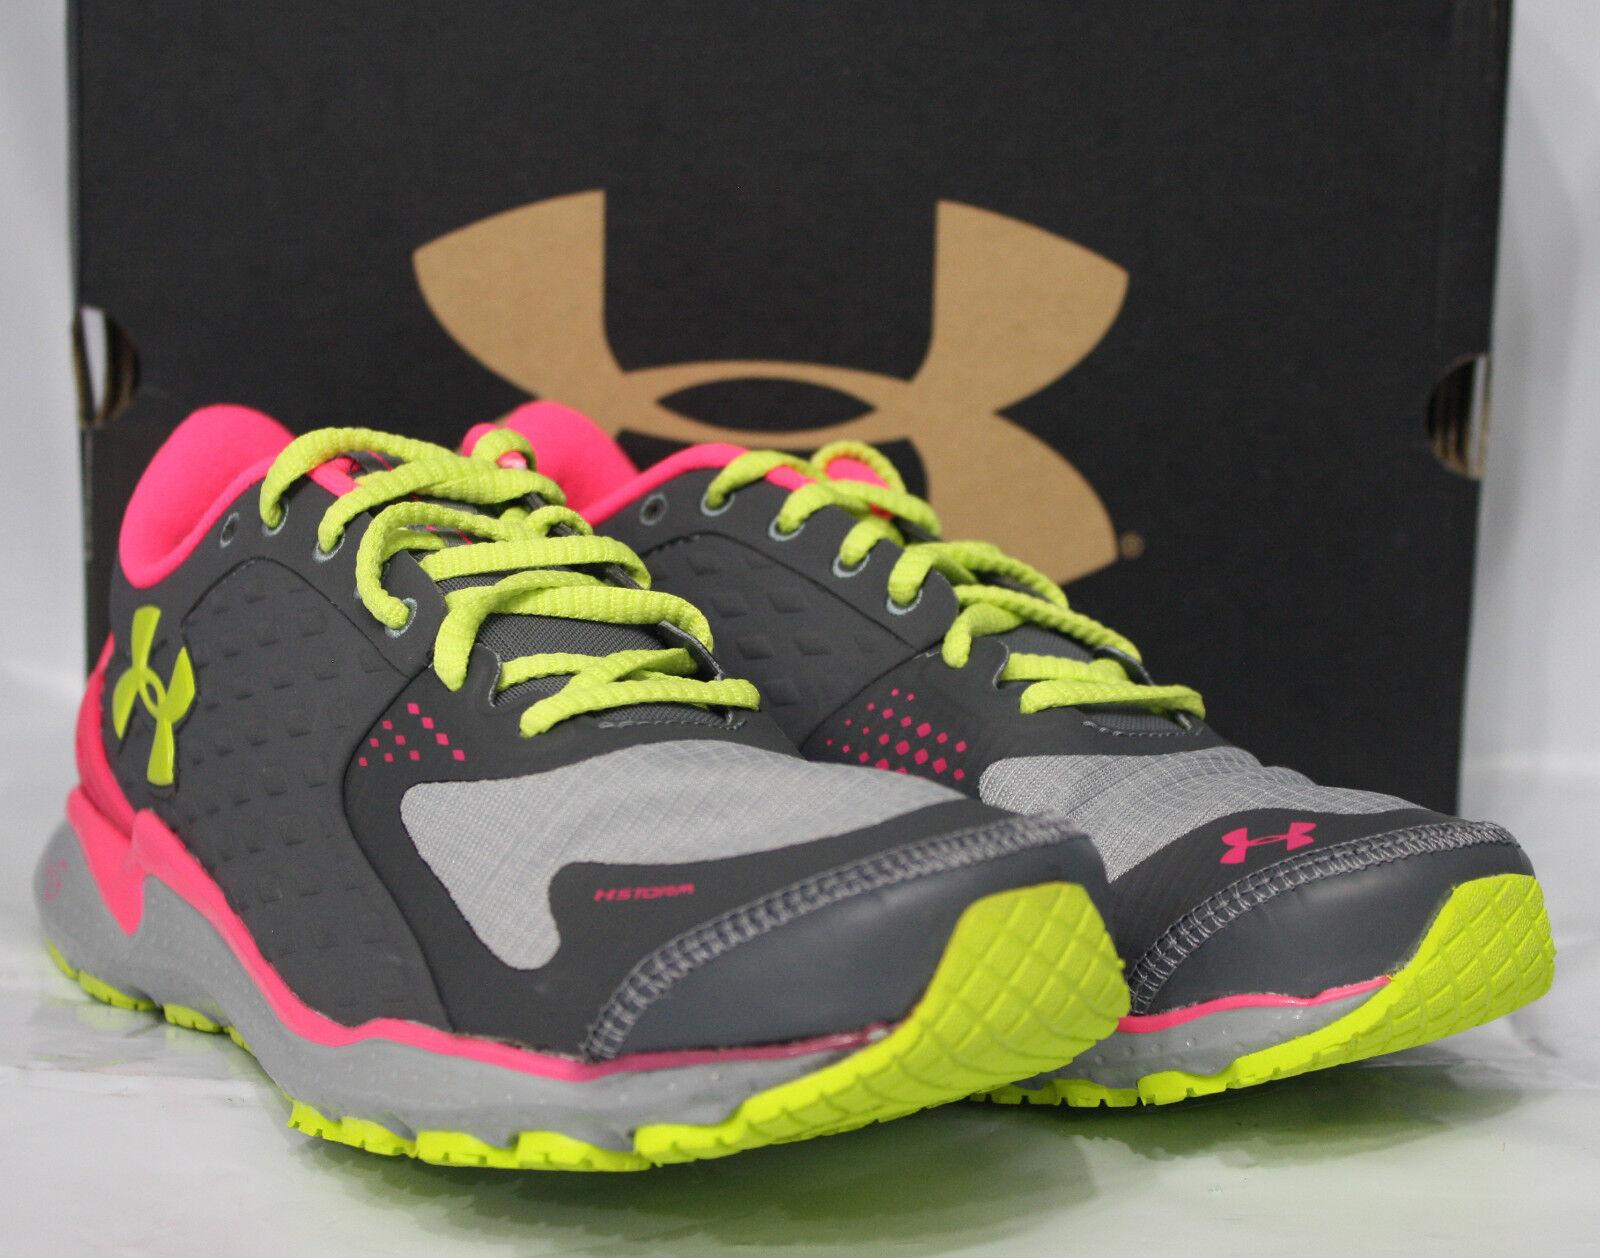 Damenschuhe G Under Armour Micro G Damenschuhe Defy Storm Running Schuhe-1236971-019 8df209